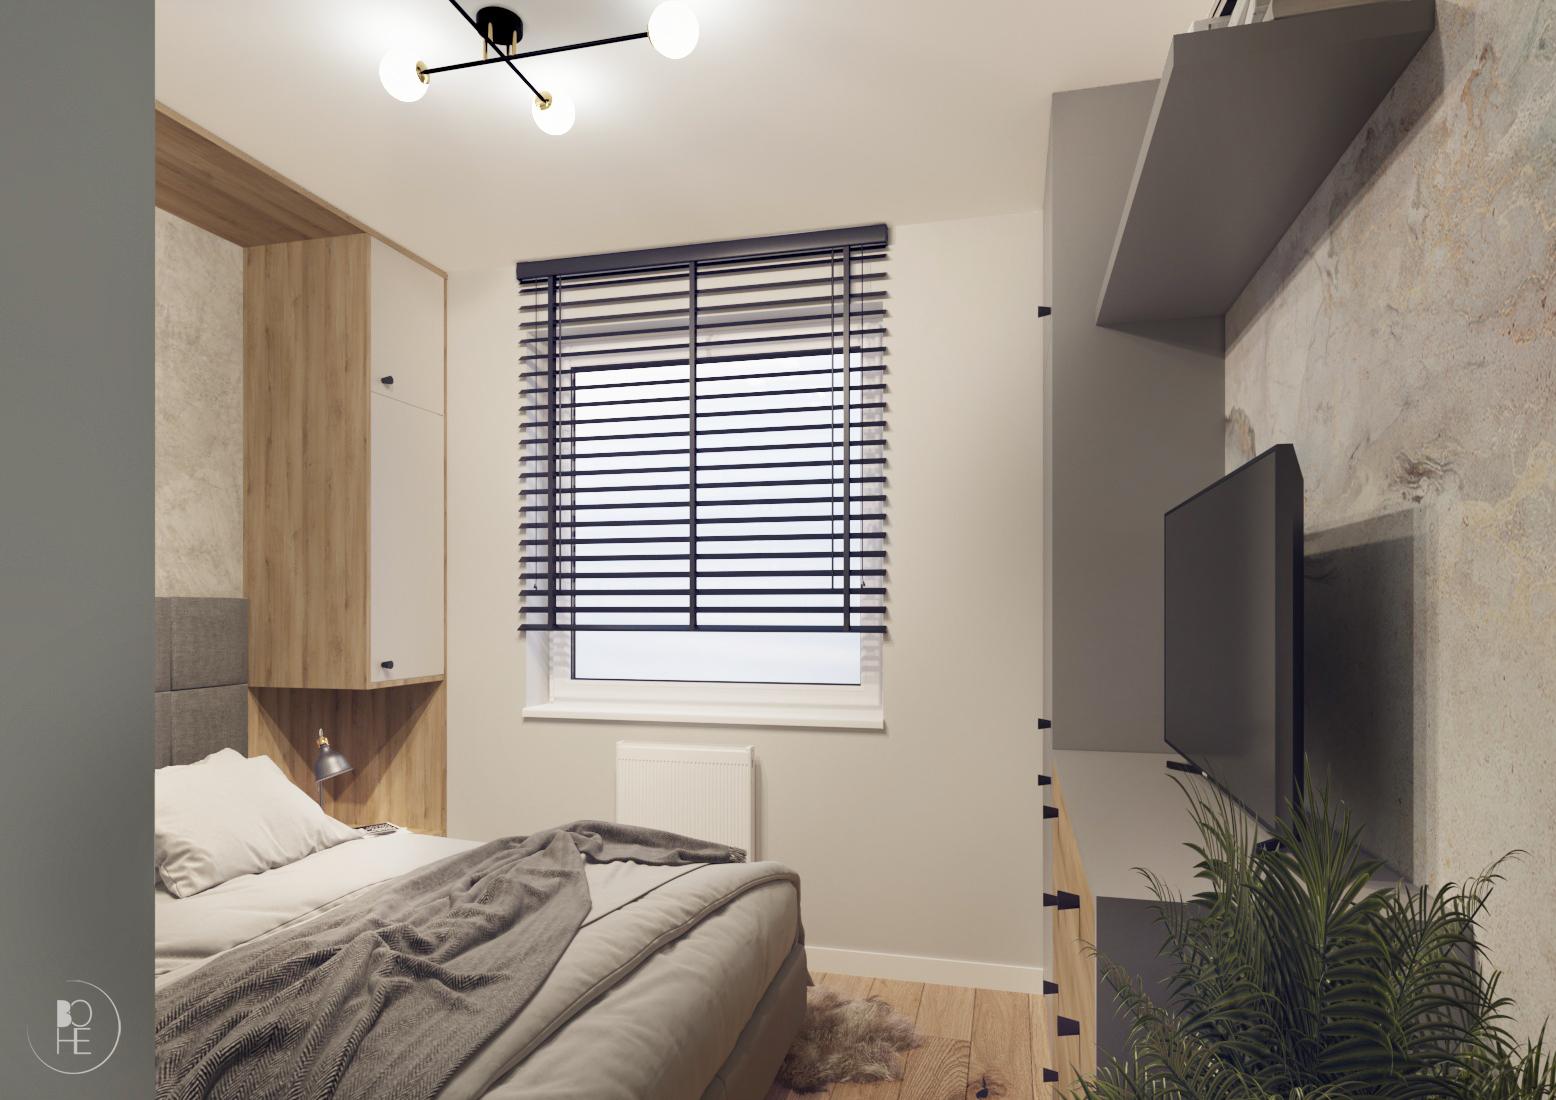 projekt małej sypialni poznań 1